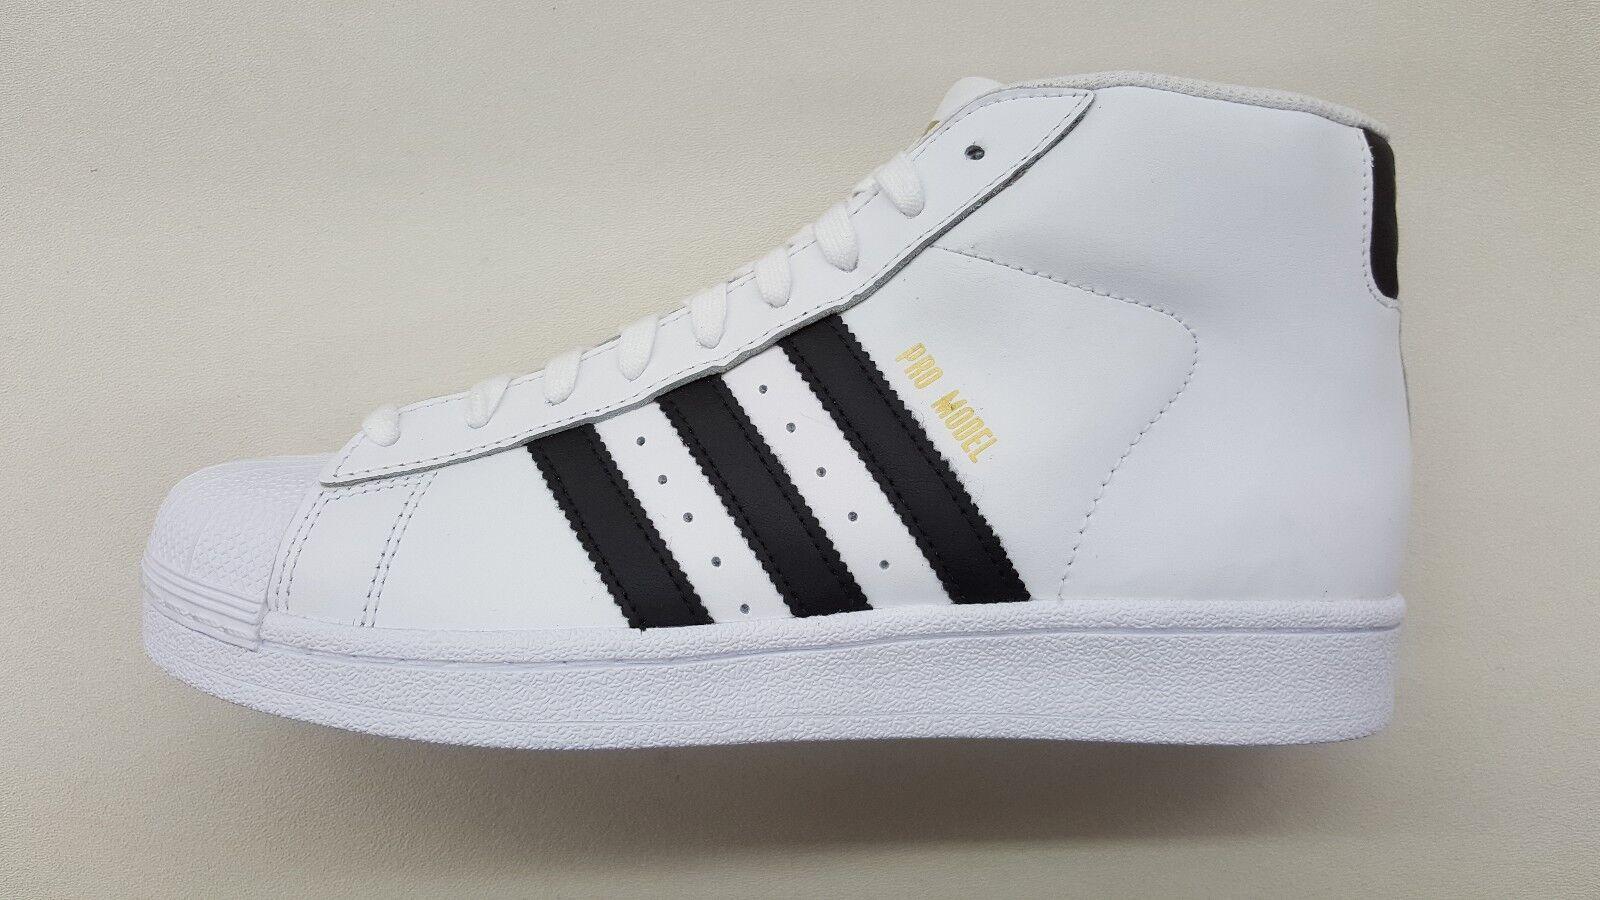 adidas originaux pour l'or noir taille modèle blanc s85956 chez classique chez s85956 les baskets ae5c2f